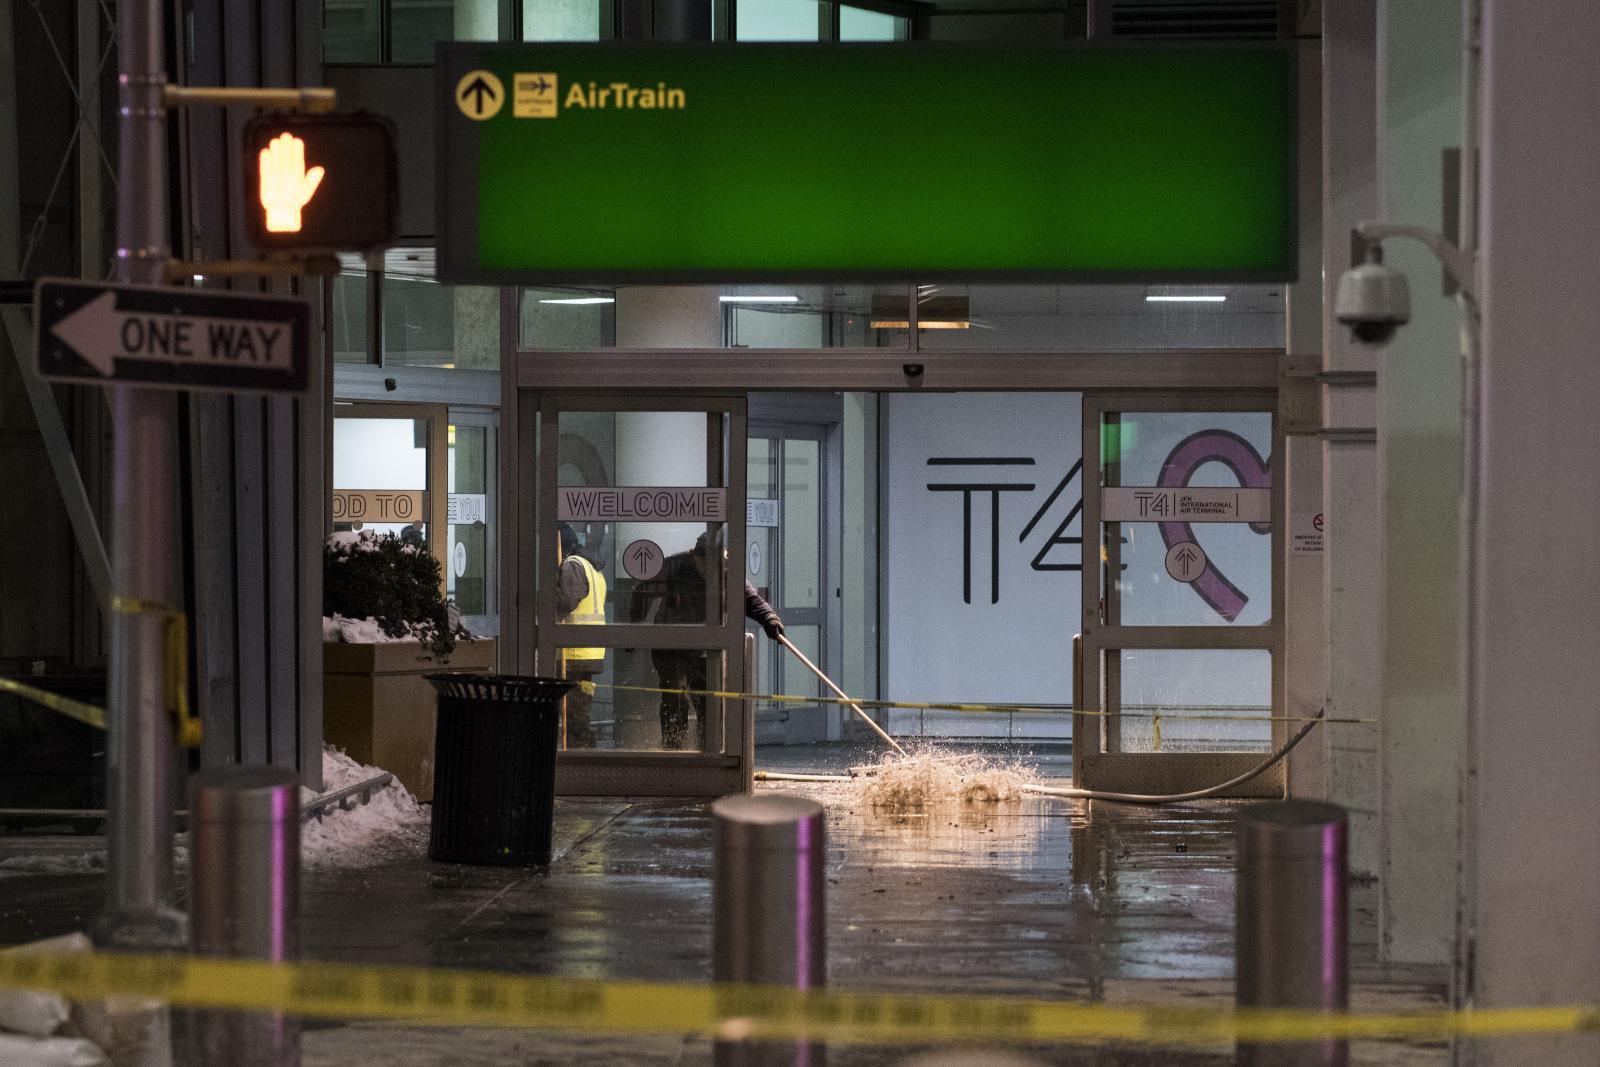 สนามบินนิวยอร์กโกลาหลเจอน้ำท่วมซ้ำ